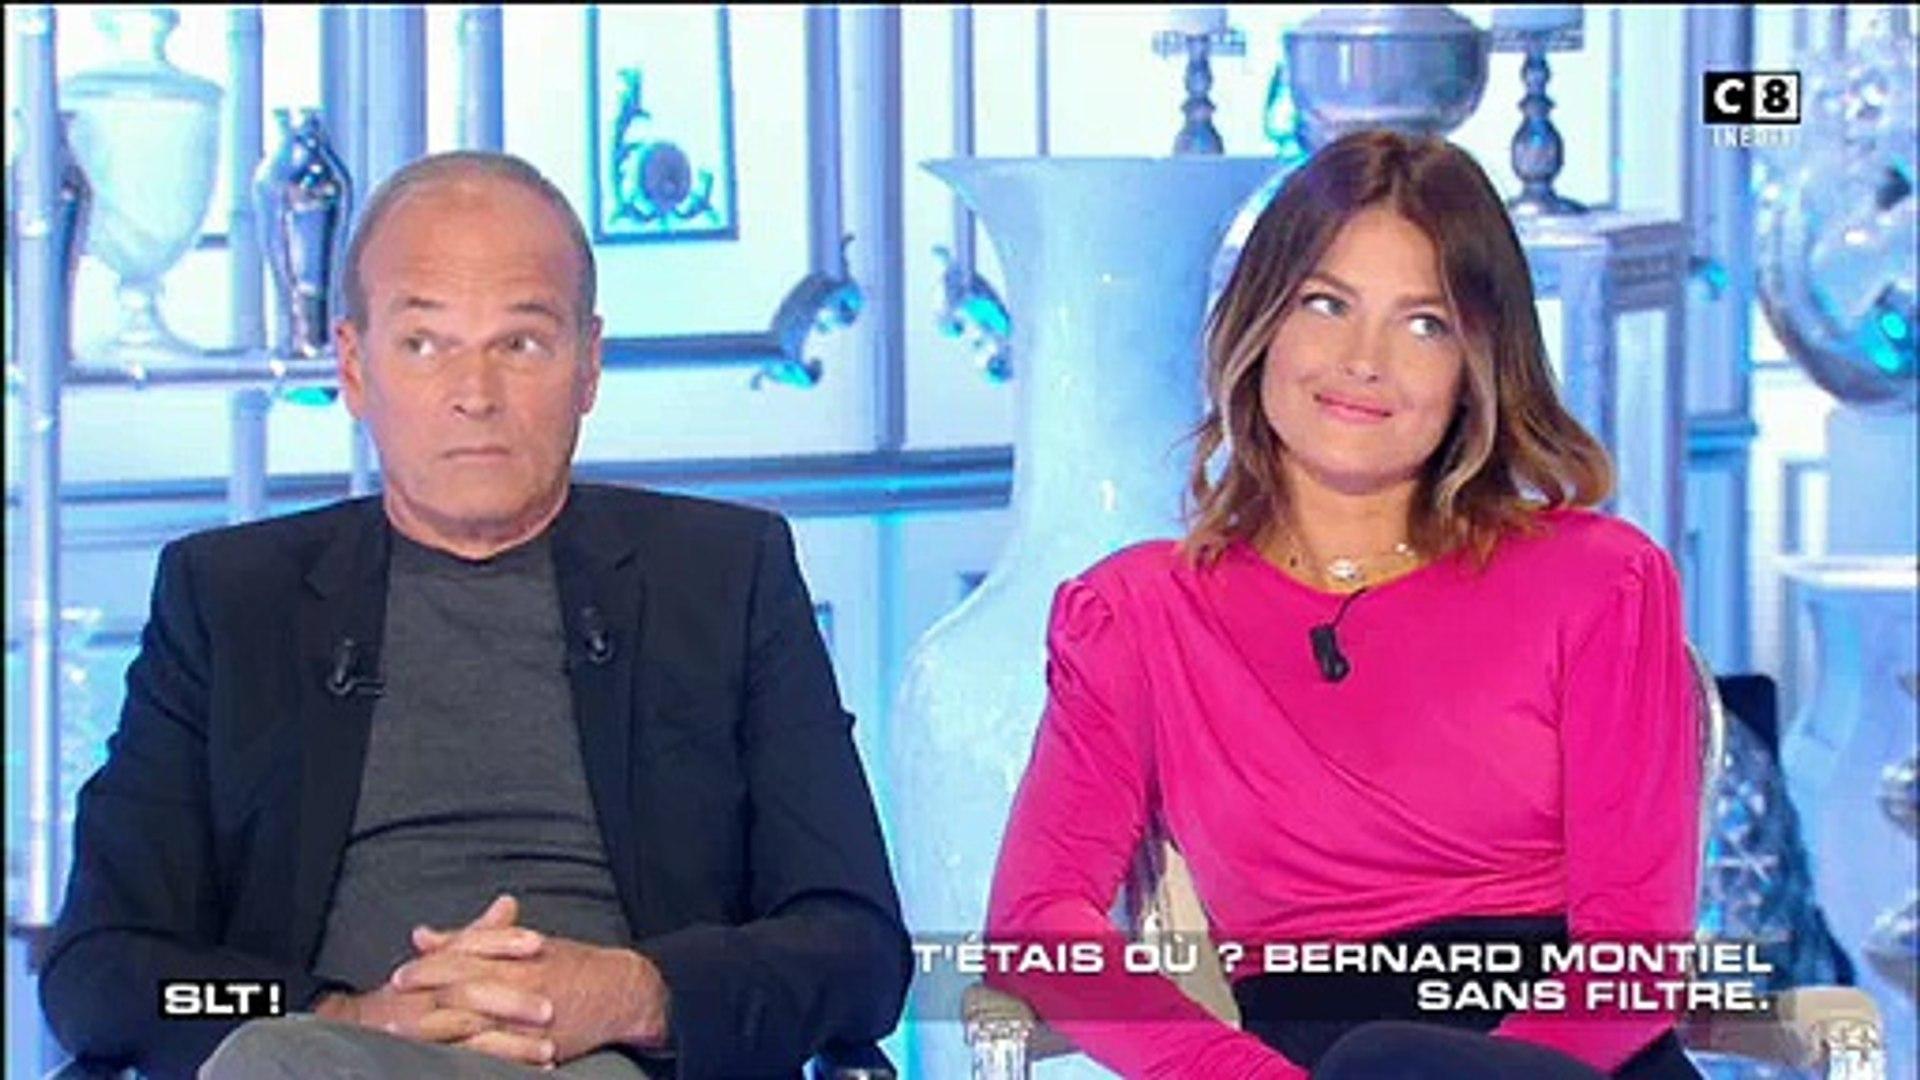 Bernard Montiel révèle qu'il est ami avec Brigitte Macron